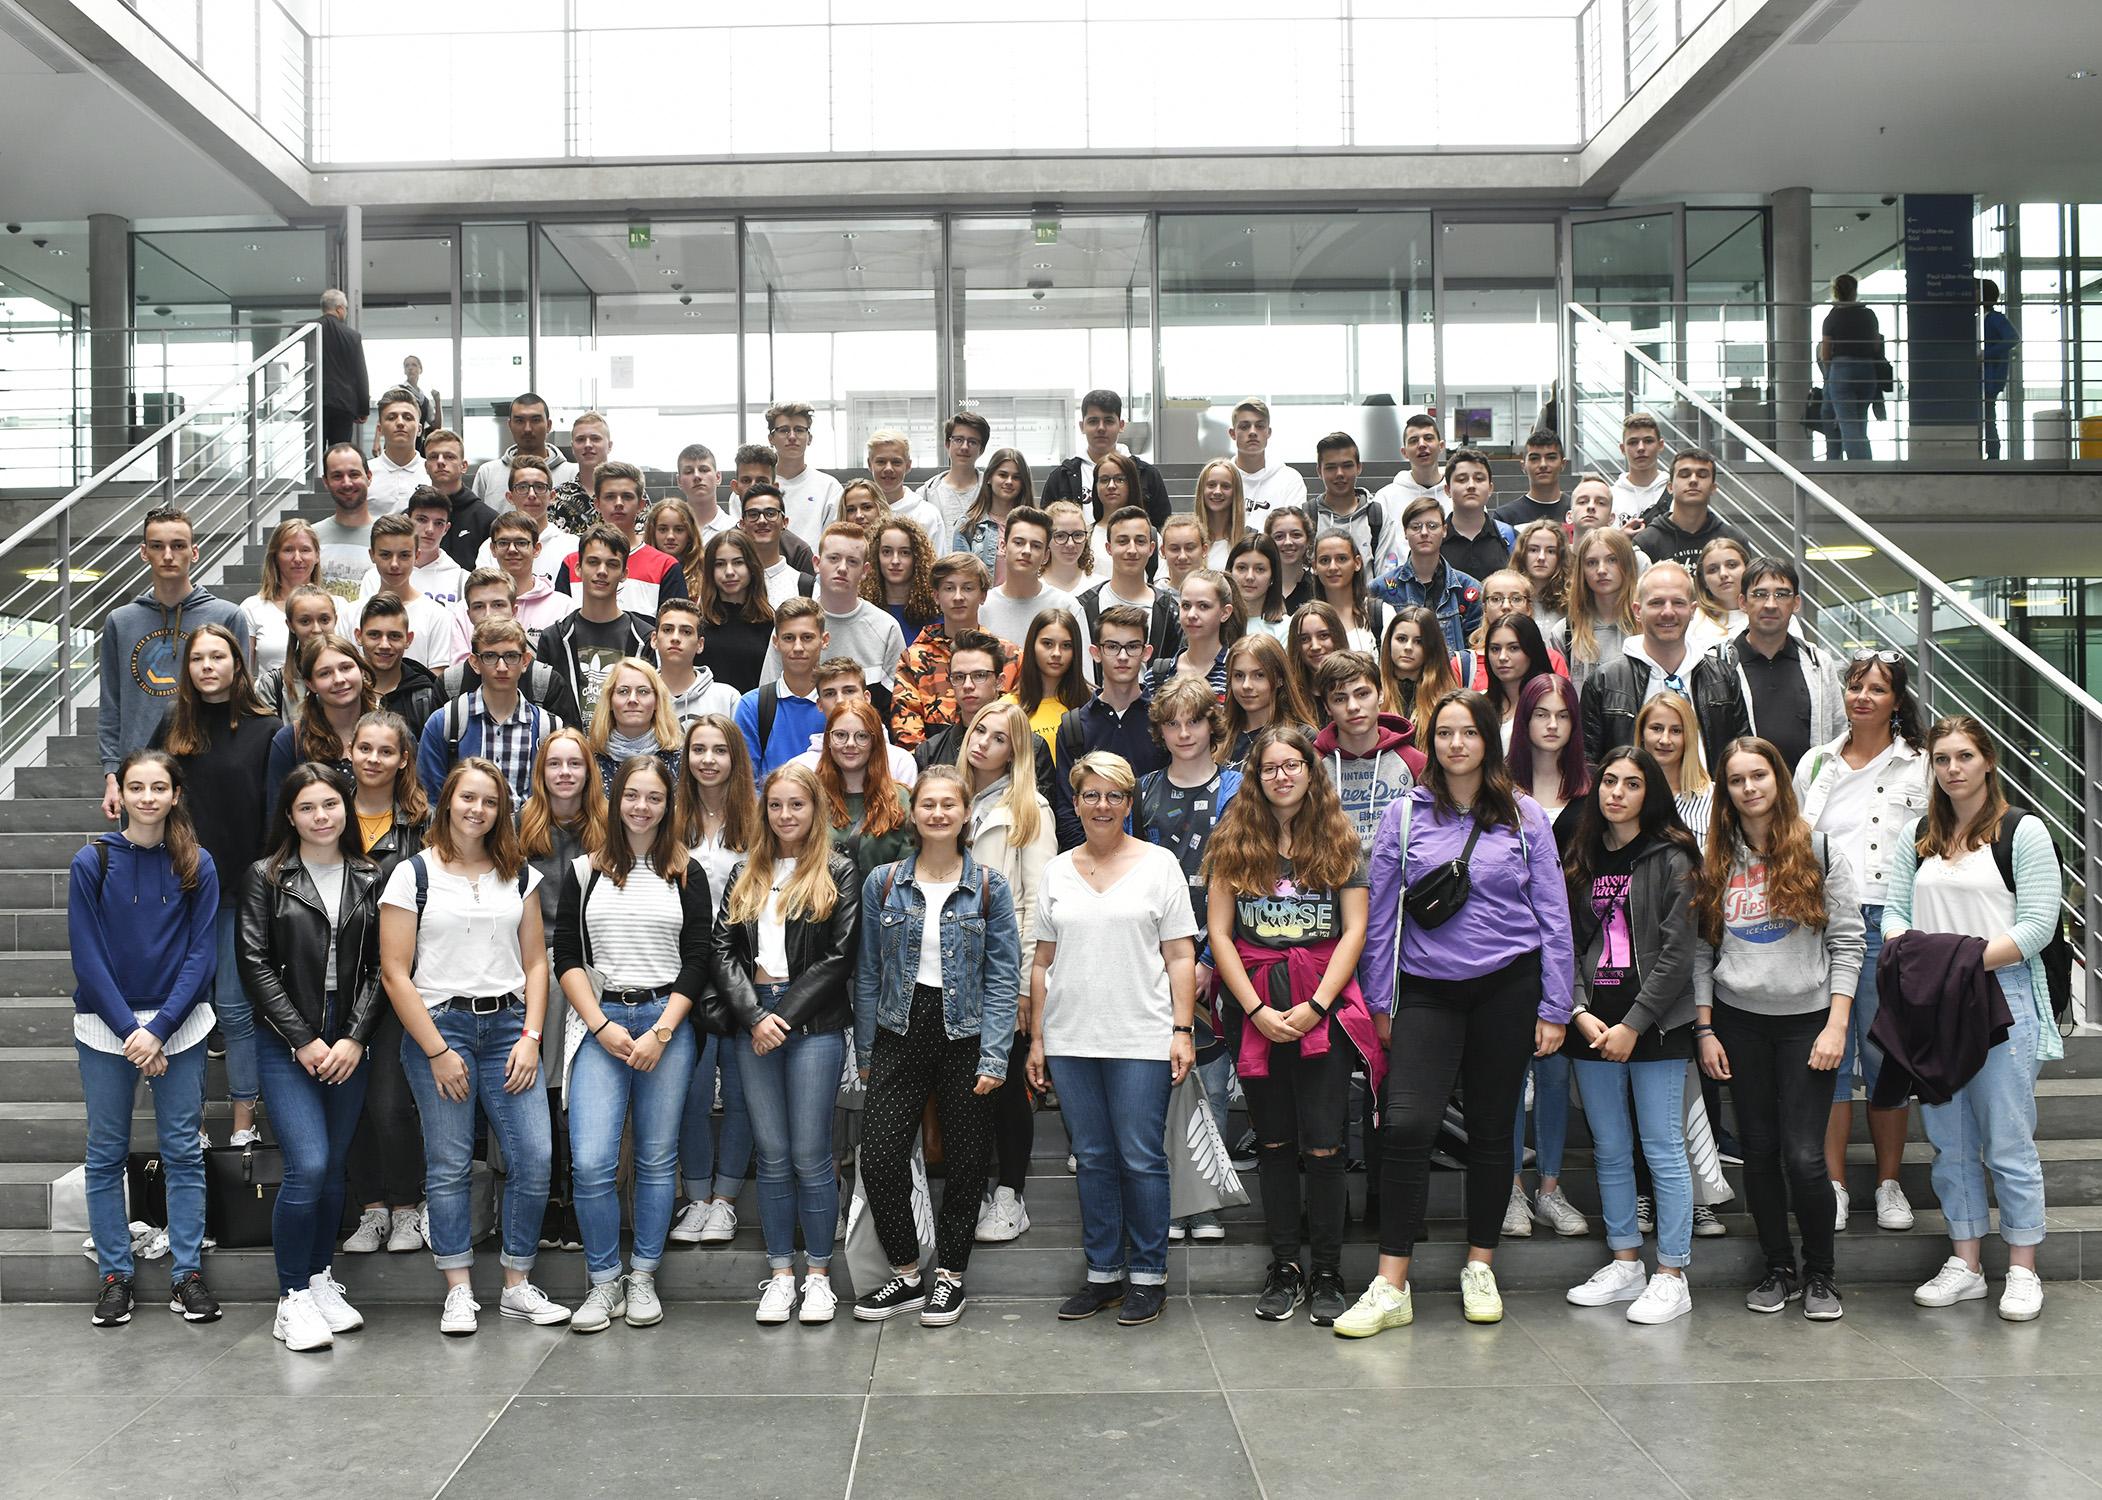 10. Klasse des Wilhelm-Hausenstein-Gymnasiums aus Durmersheim auf Studienfahrt.